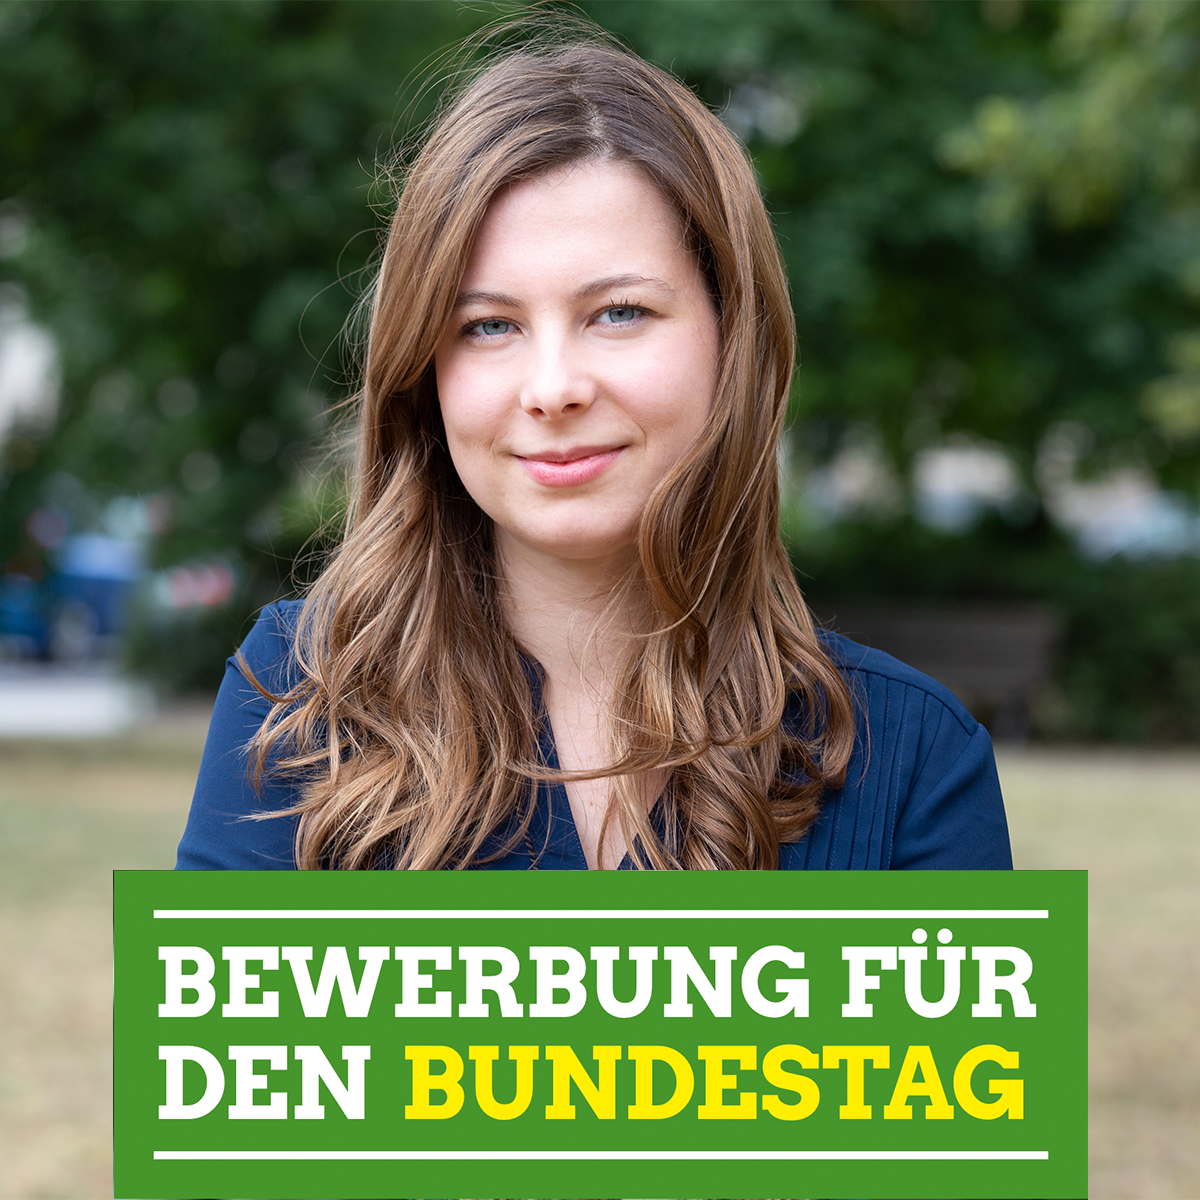 Kandidatur für die Bundestagswahl